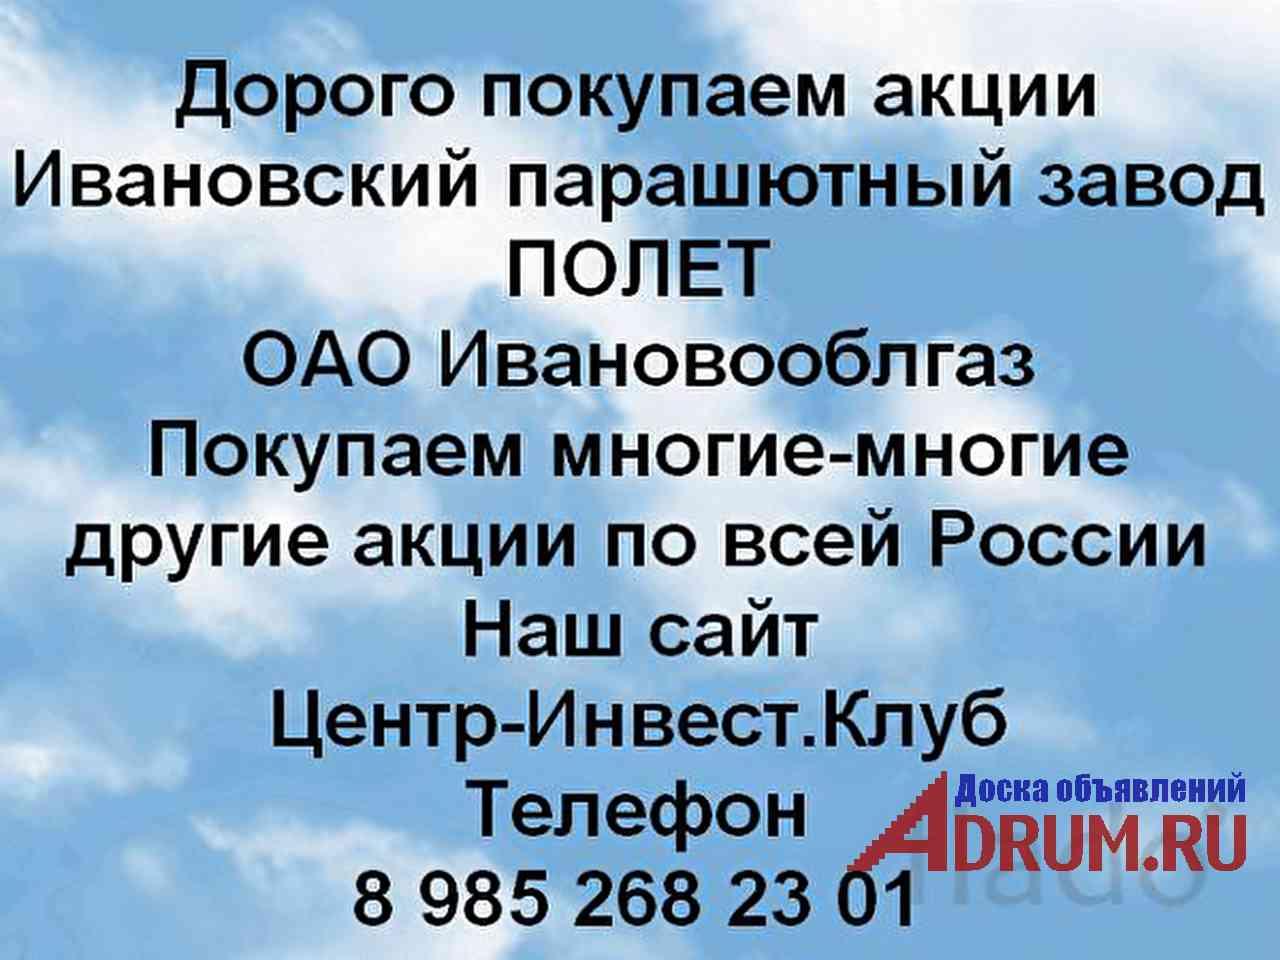 Предложение по продаже акций АО Полет Ивановский парашютный завод в Иваново